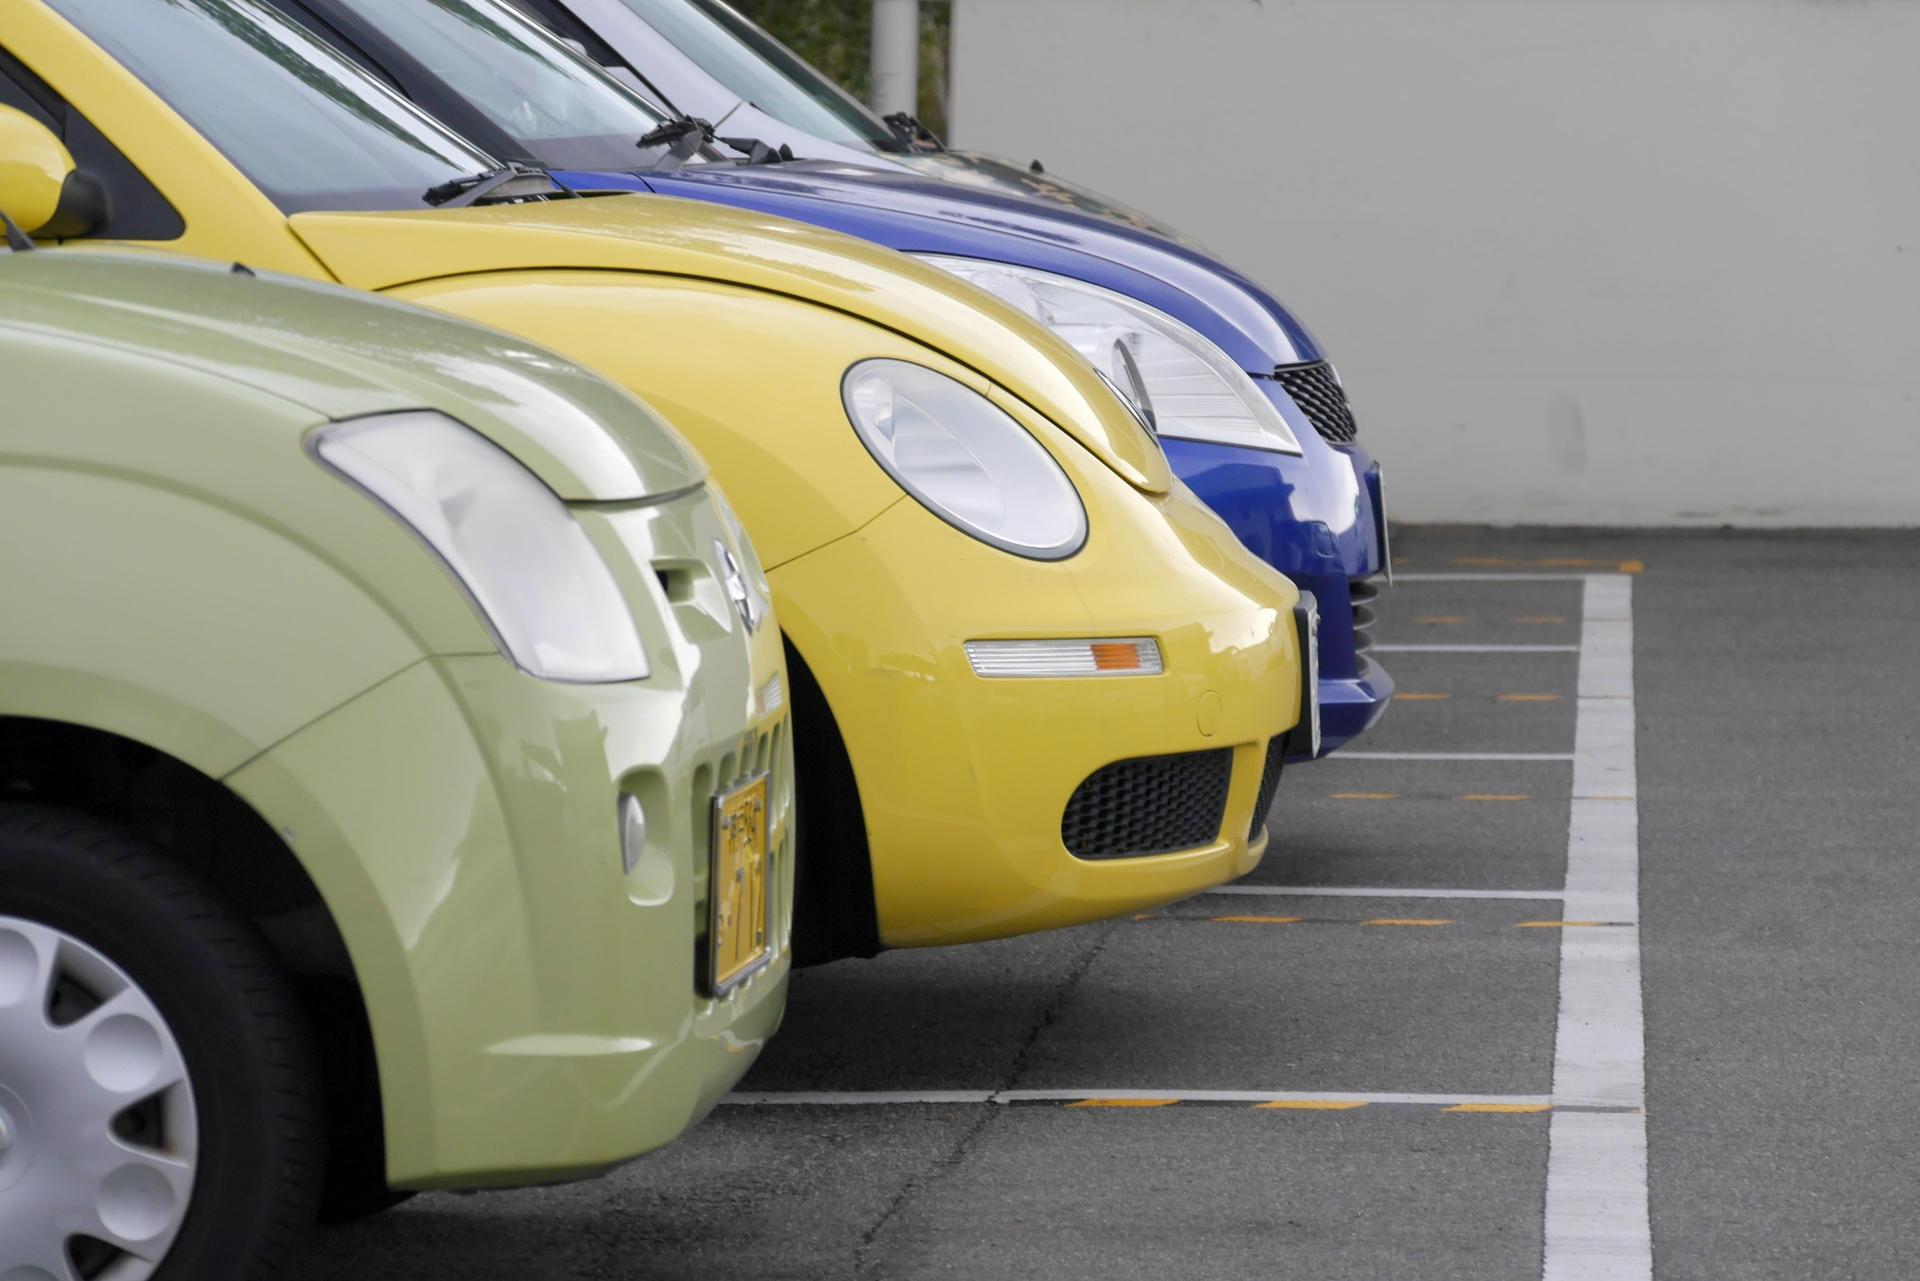 東福寺の駐車場おすすめ23選!境内の無料の所から格安な場所まで紹介